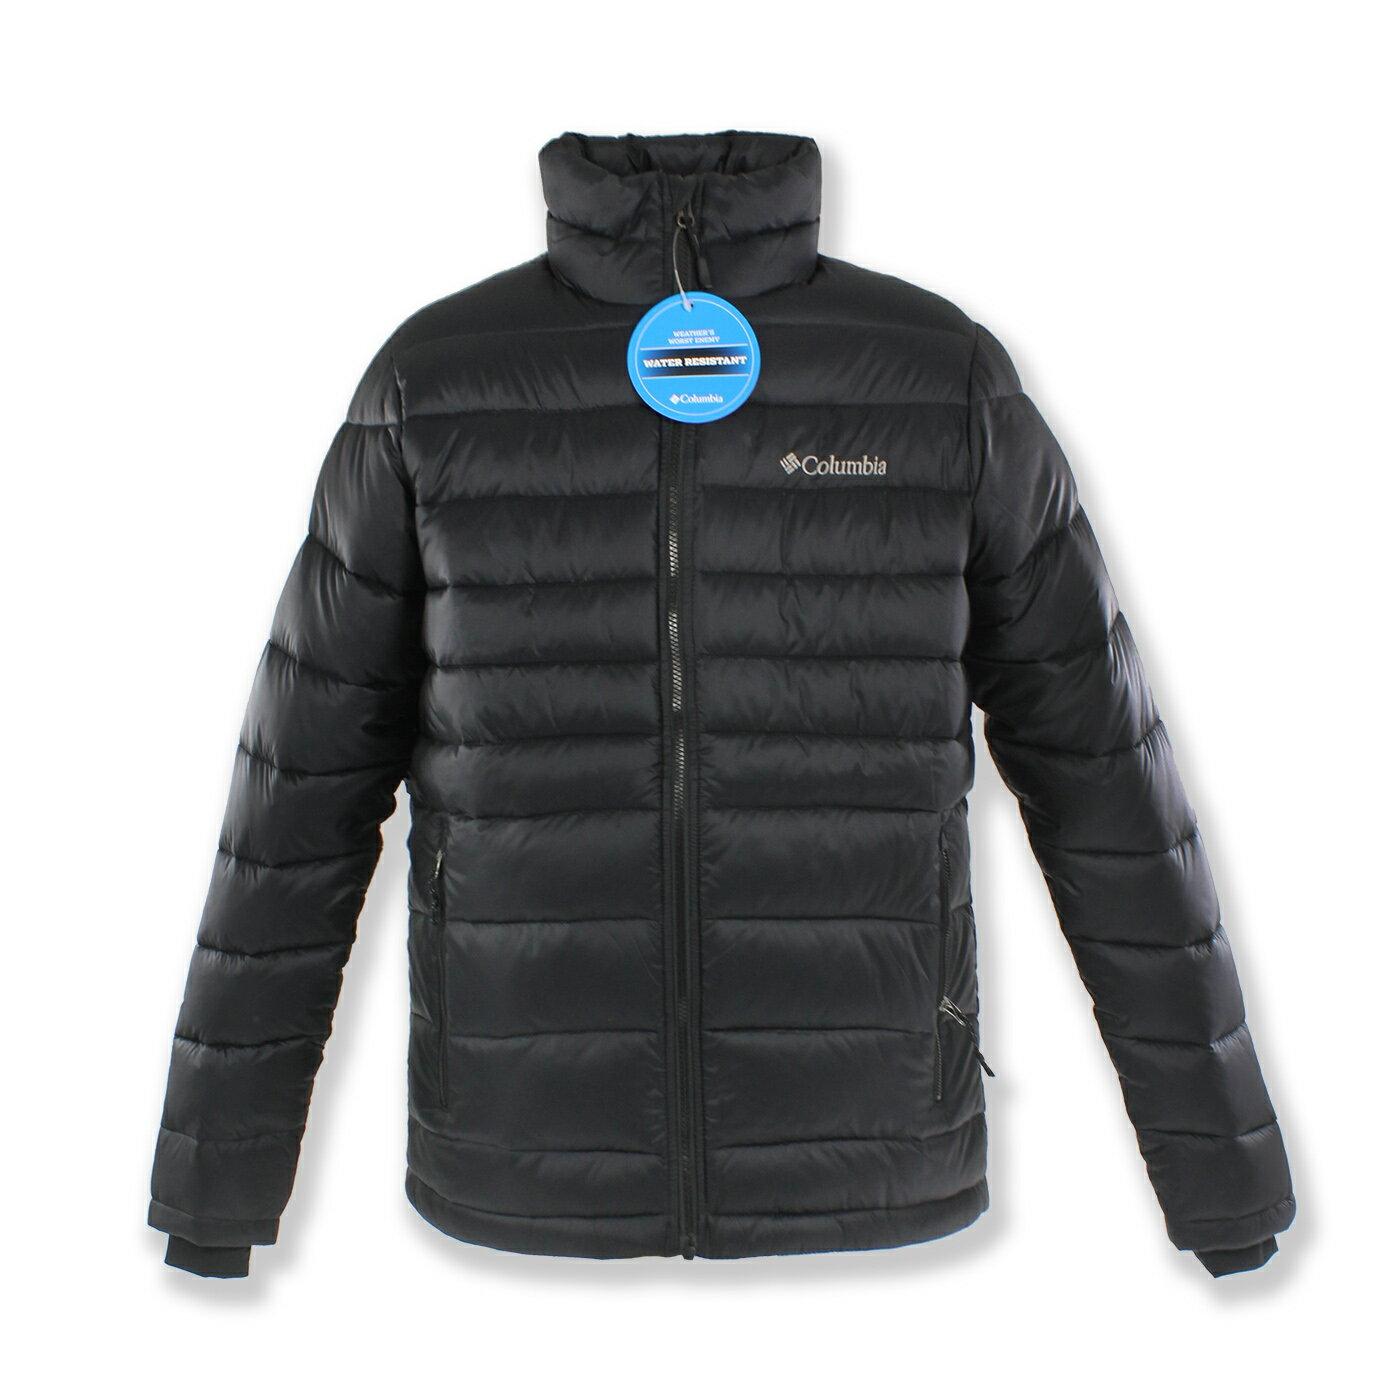 美國百分百【全新真品】Columbia 外套 哥倫比亞 防潑水 中空纖維 保暖 防寒 黑色 S號 F785